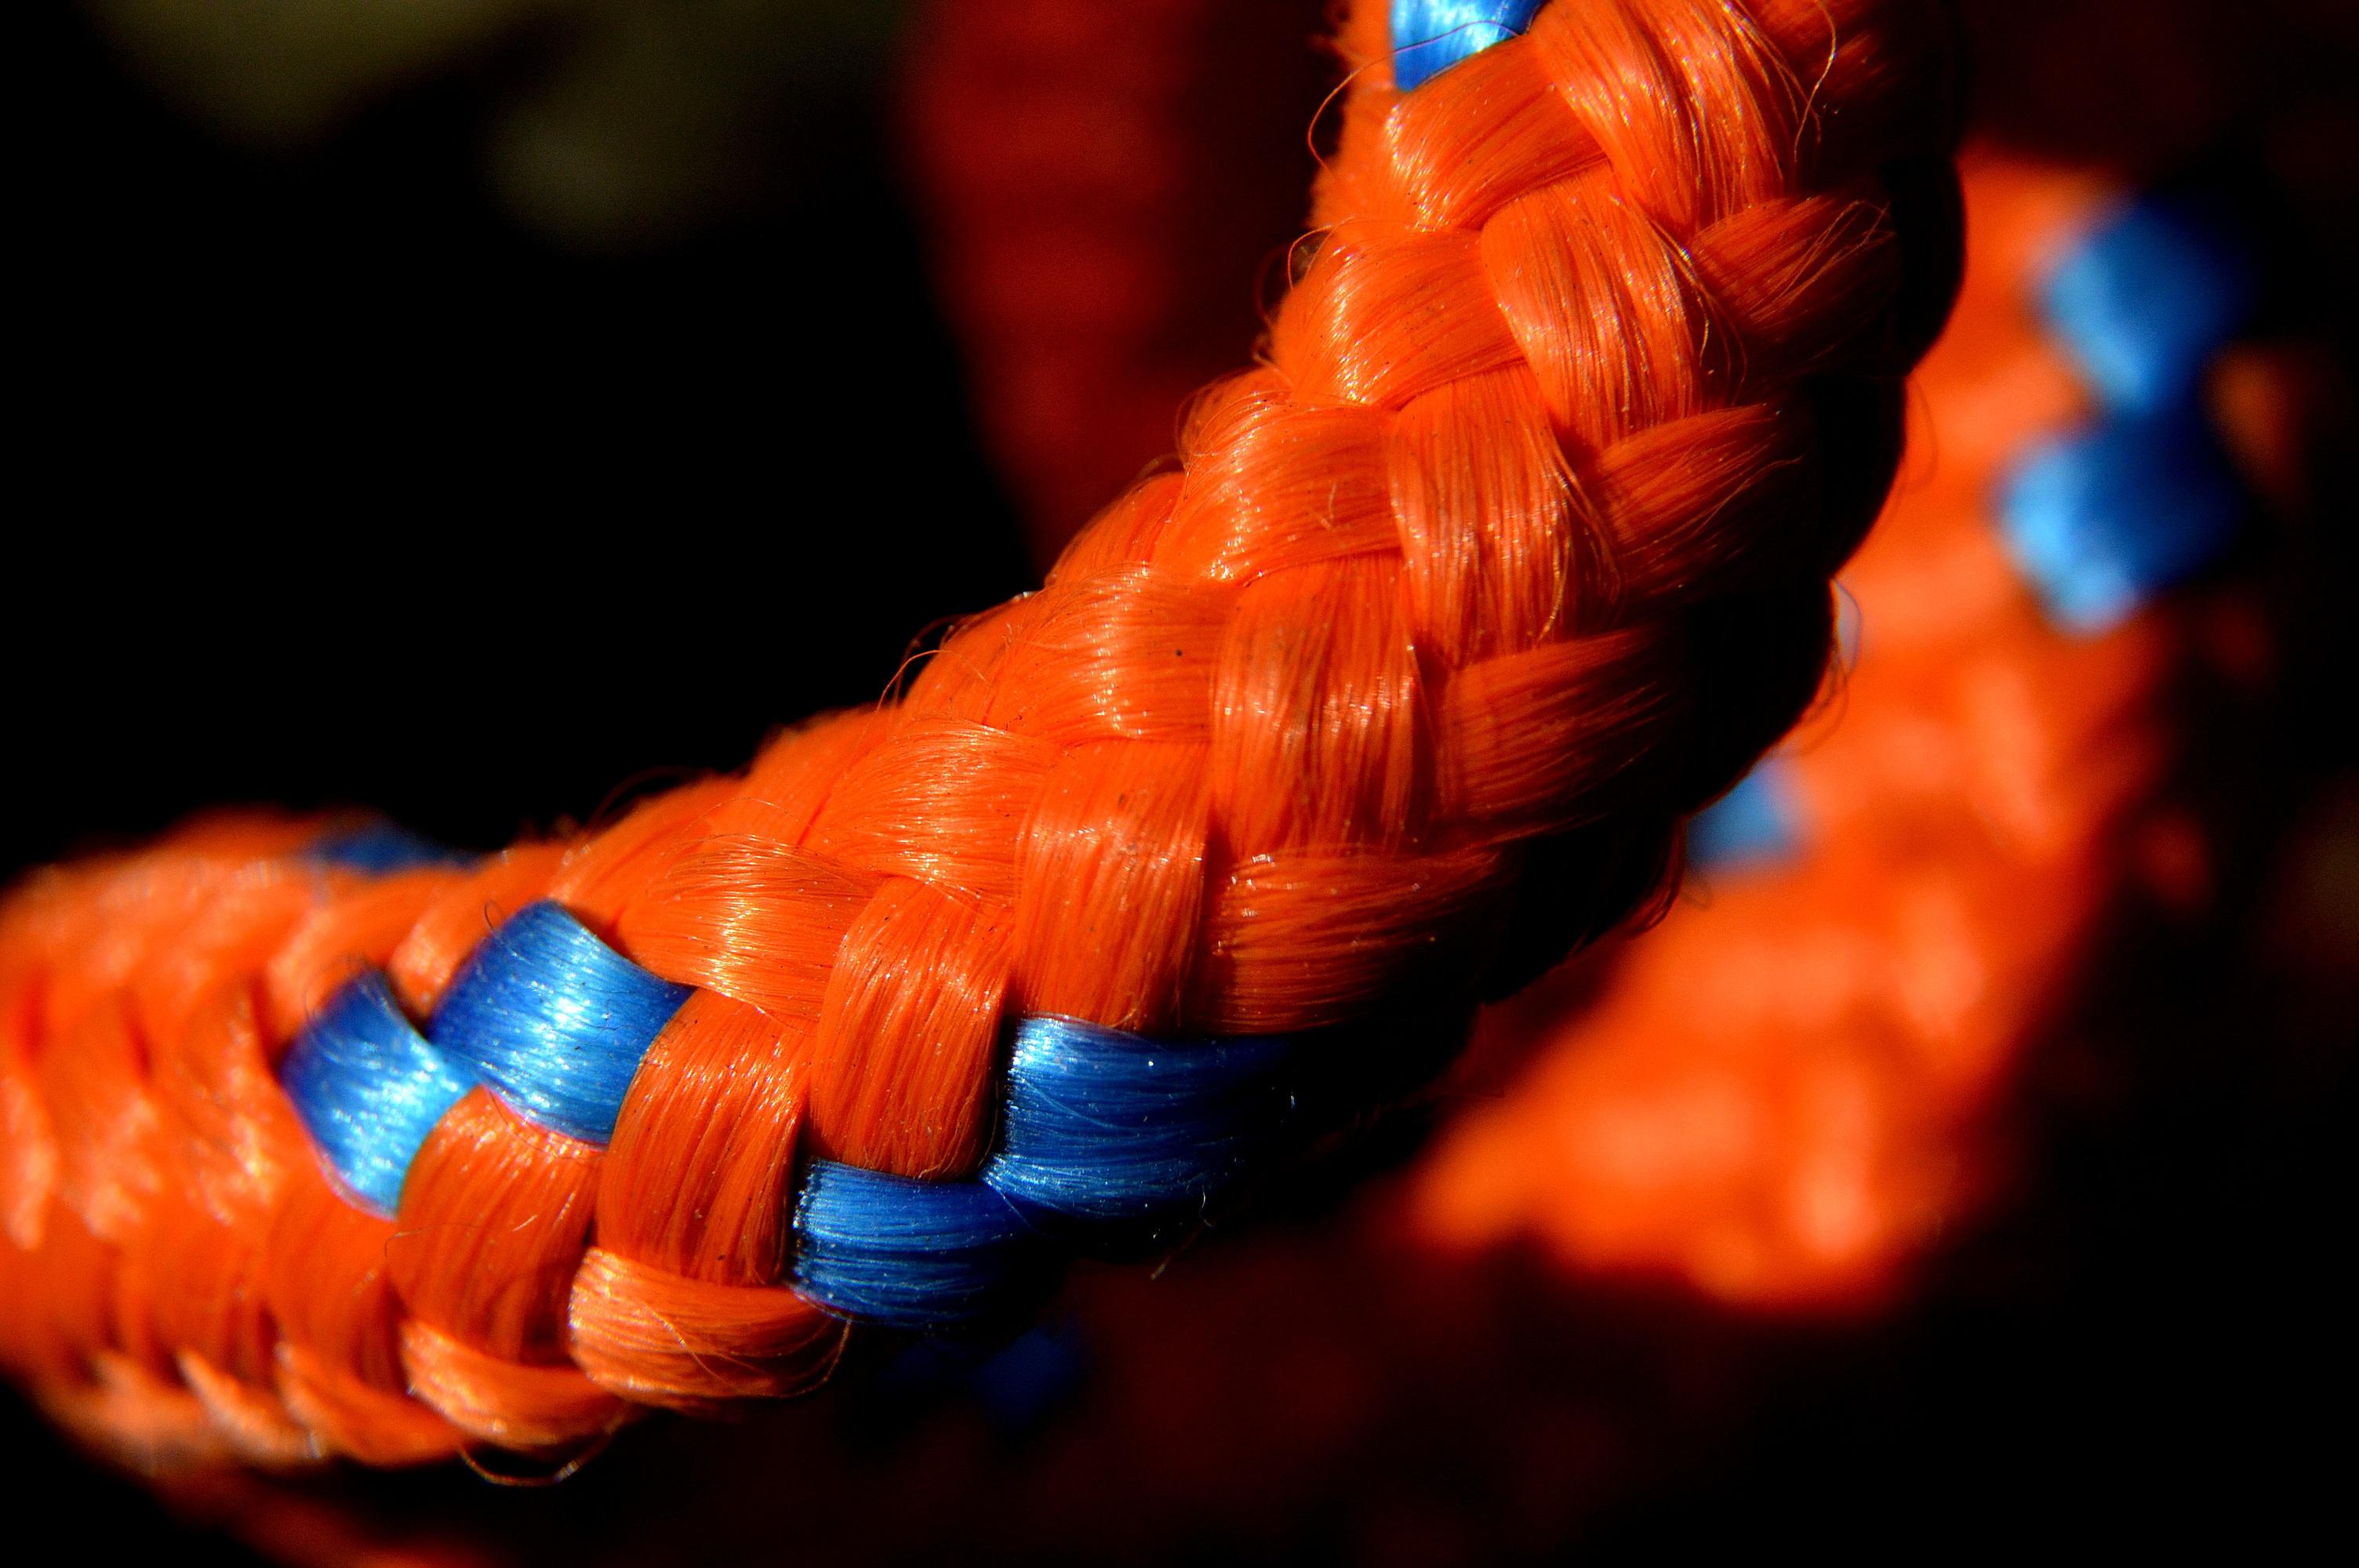 85803 скачать обои Макро, Разное, Плетение, Веревка - заставки и картинки бесплатно